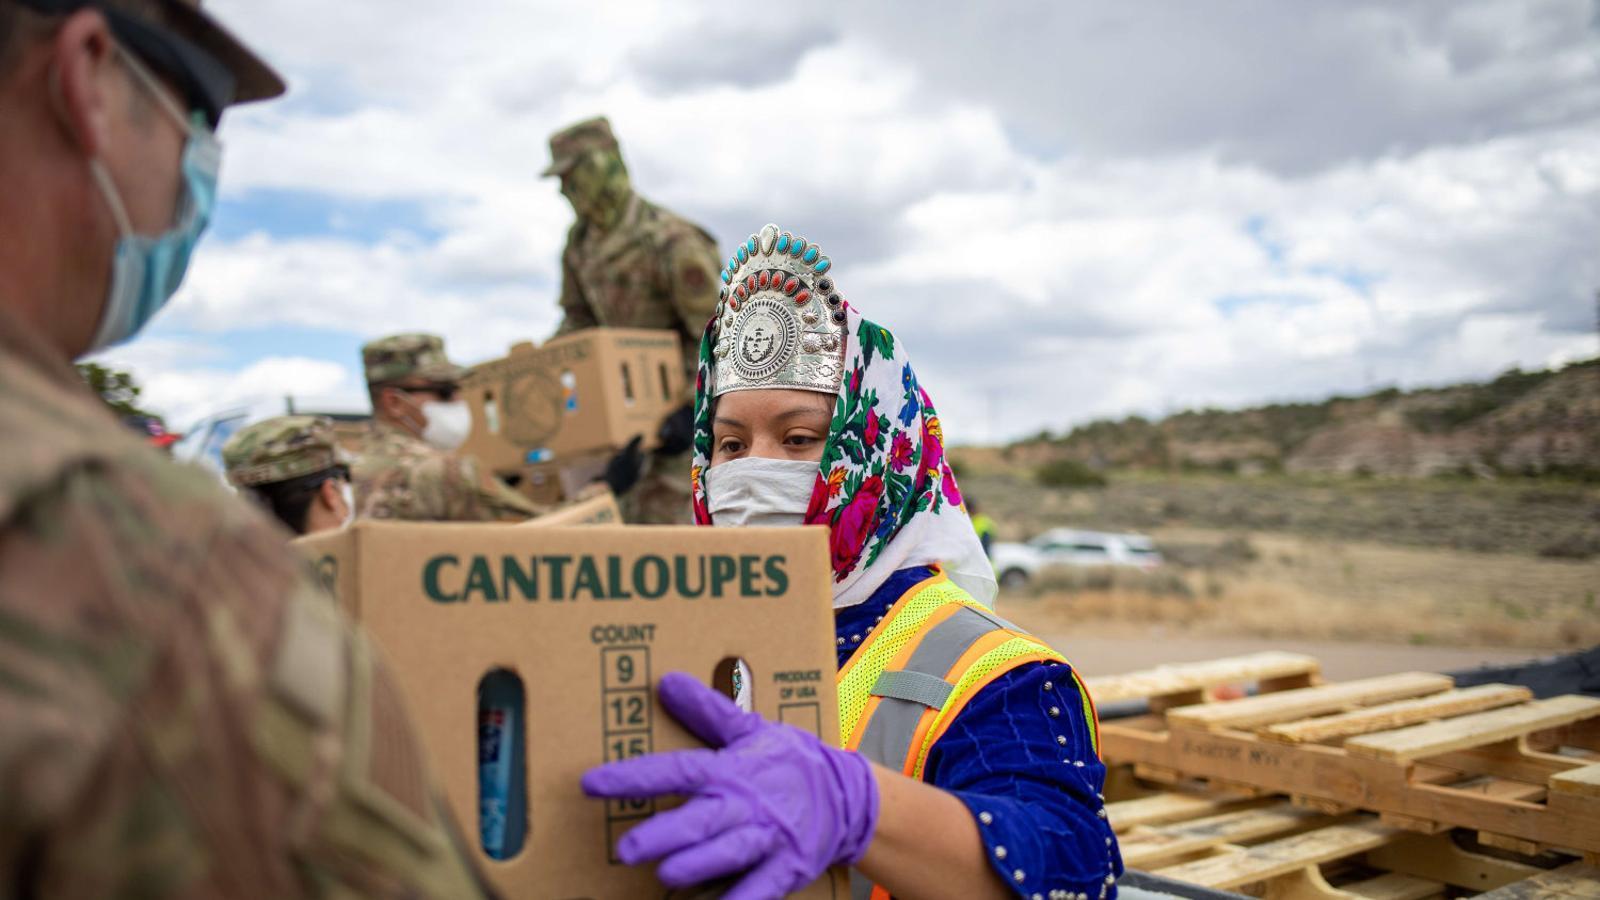 Una representant del poble navajo, amb mascareta i guants, repartint ajuda acompanyada de l'exèrcit a la Reserva Navajo, que s'estén per Nou Mèxic, Utah i Arizona.